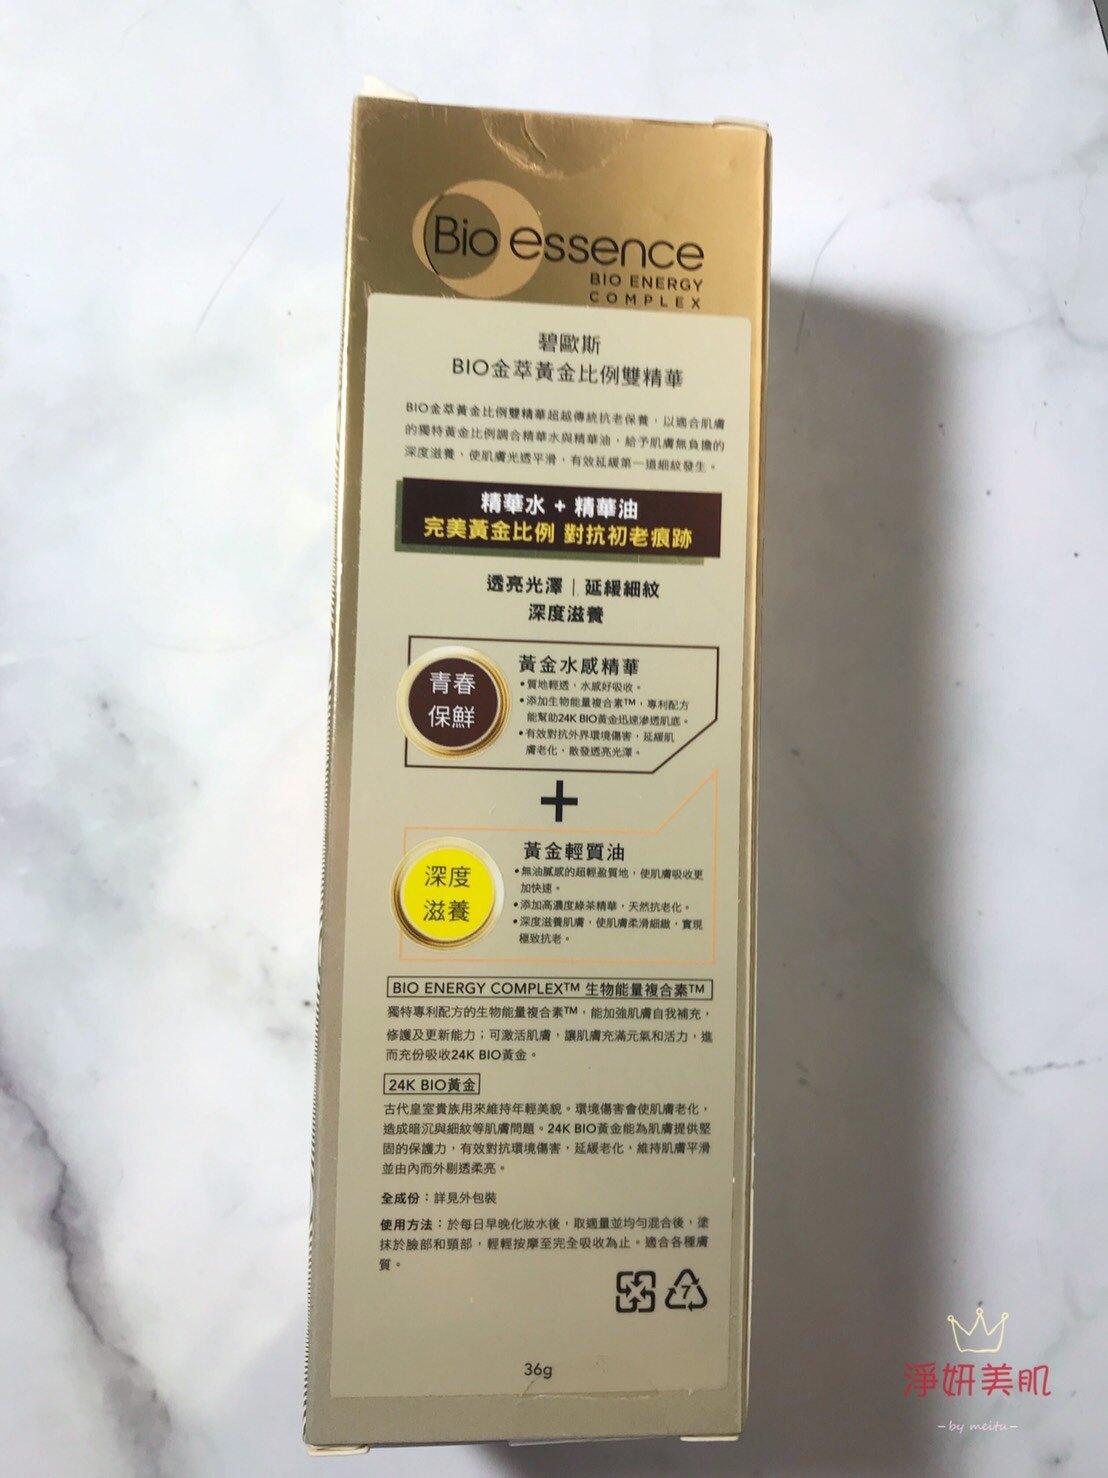 【Bio-essence 碧歐斯】BIO金萃黃金比例雙精華 36g(BIO金萃黃金系列) 效期2022.12【淨妍美肌】